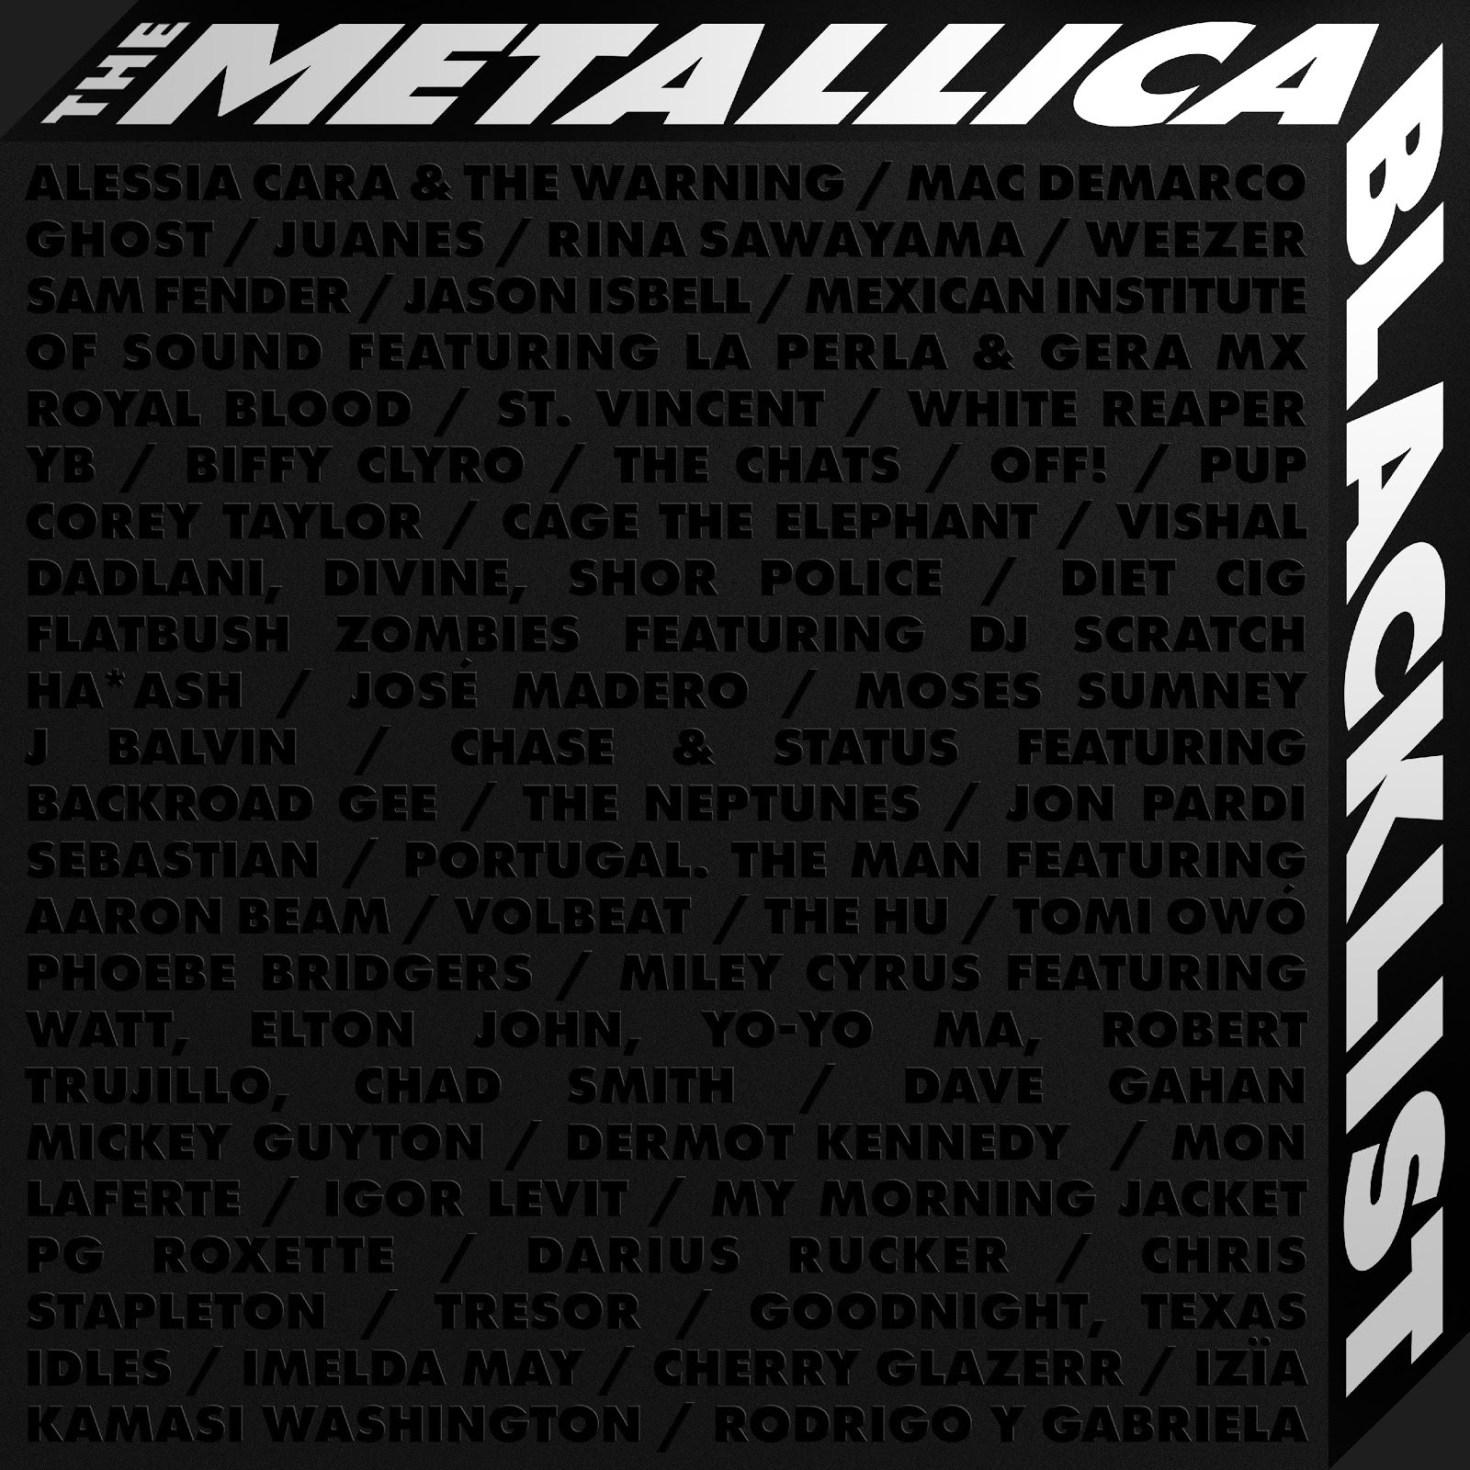 THE METALLICA BLACKLIST ALBUM 2021 cover art